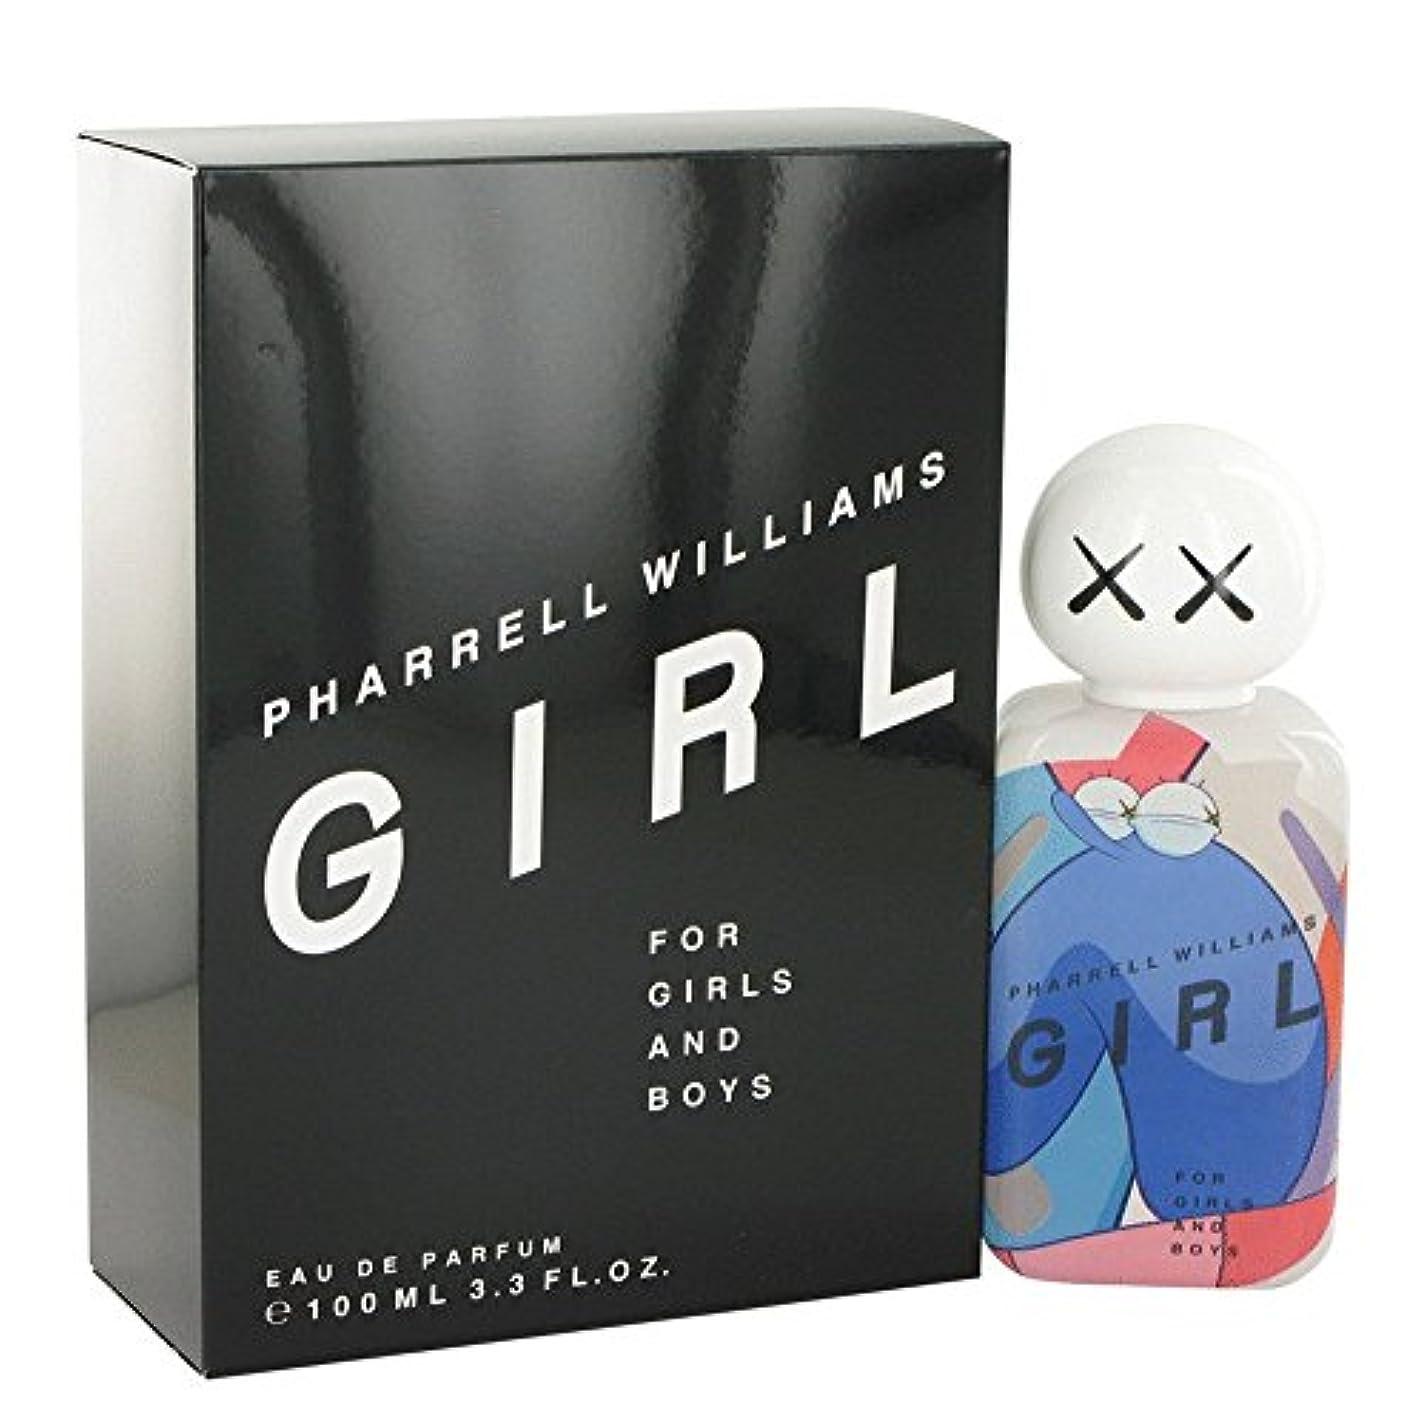 従事する口述する師匠【コム デ ギャルソン パルファム】 ファレル ウィリアムス ガール GIRL by Pharrell Williams EDP SP 100ml [並行輸入品]